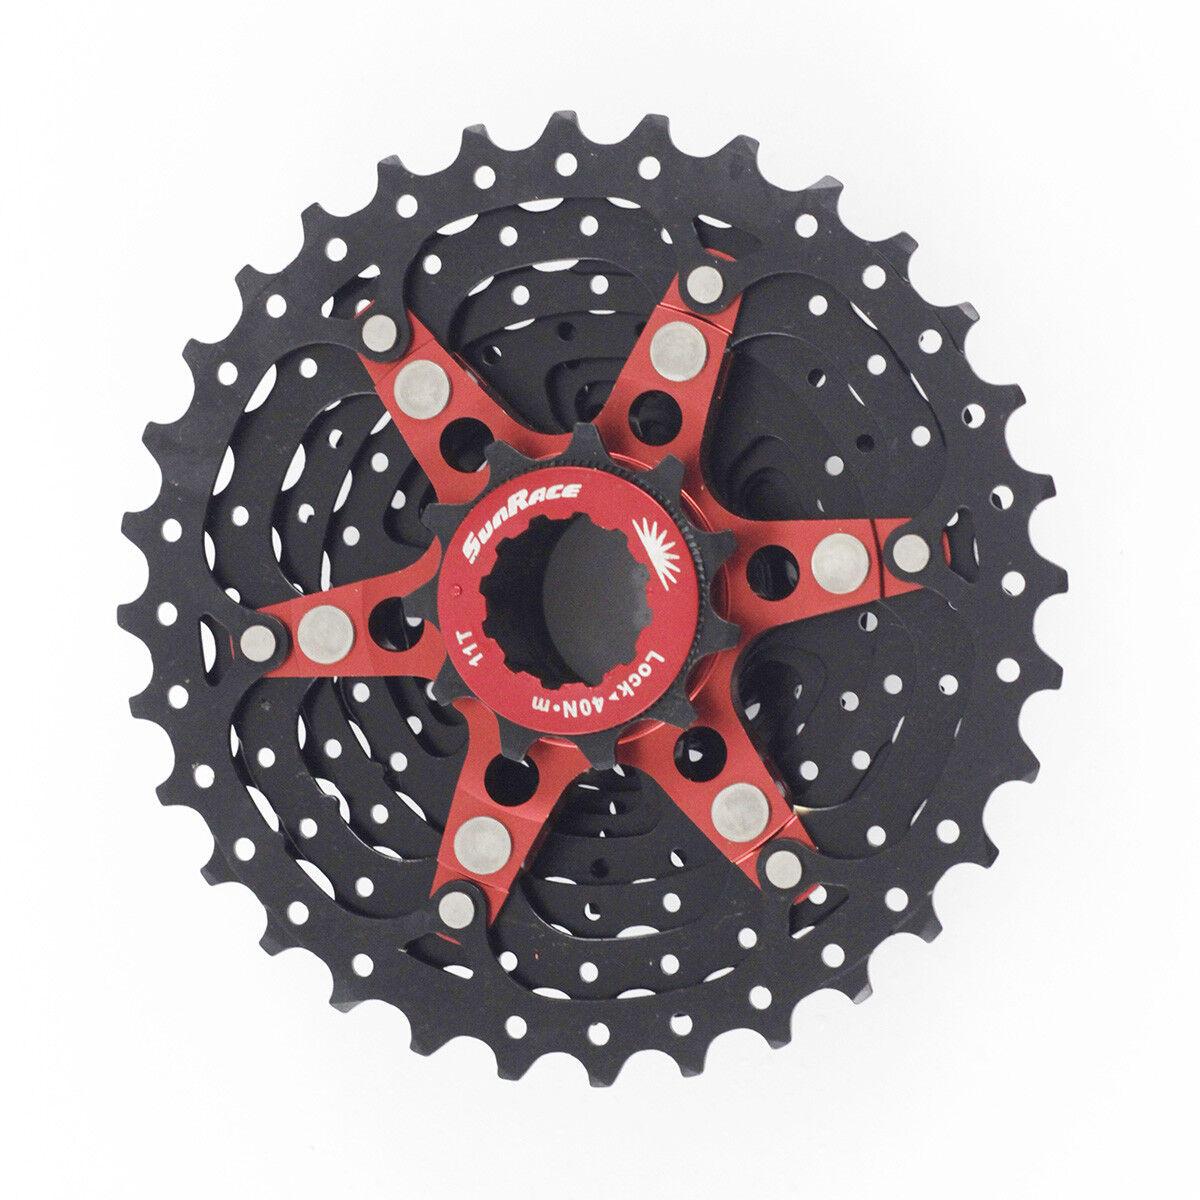 SUNRACE CSRXO Road Bike 10 Speed Cassette 1128T 32T 34T Freewheel For shimano